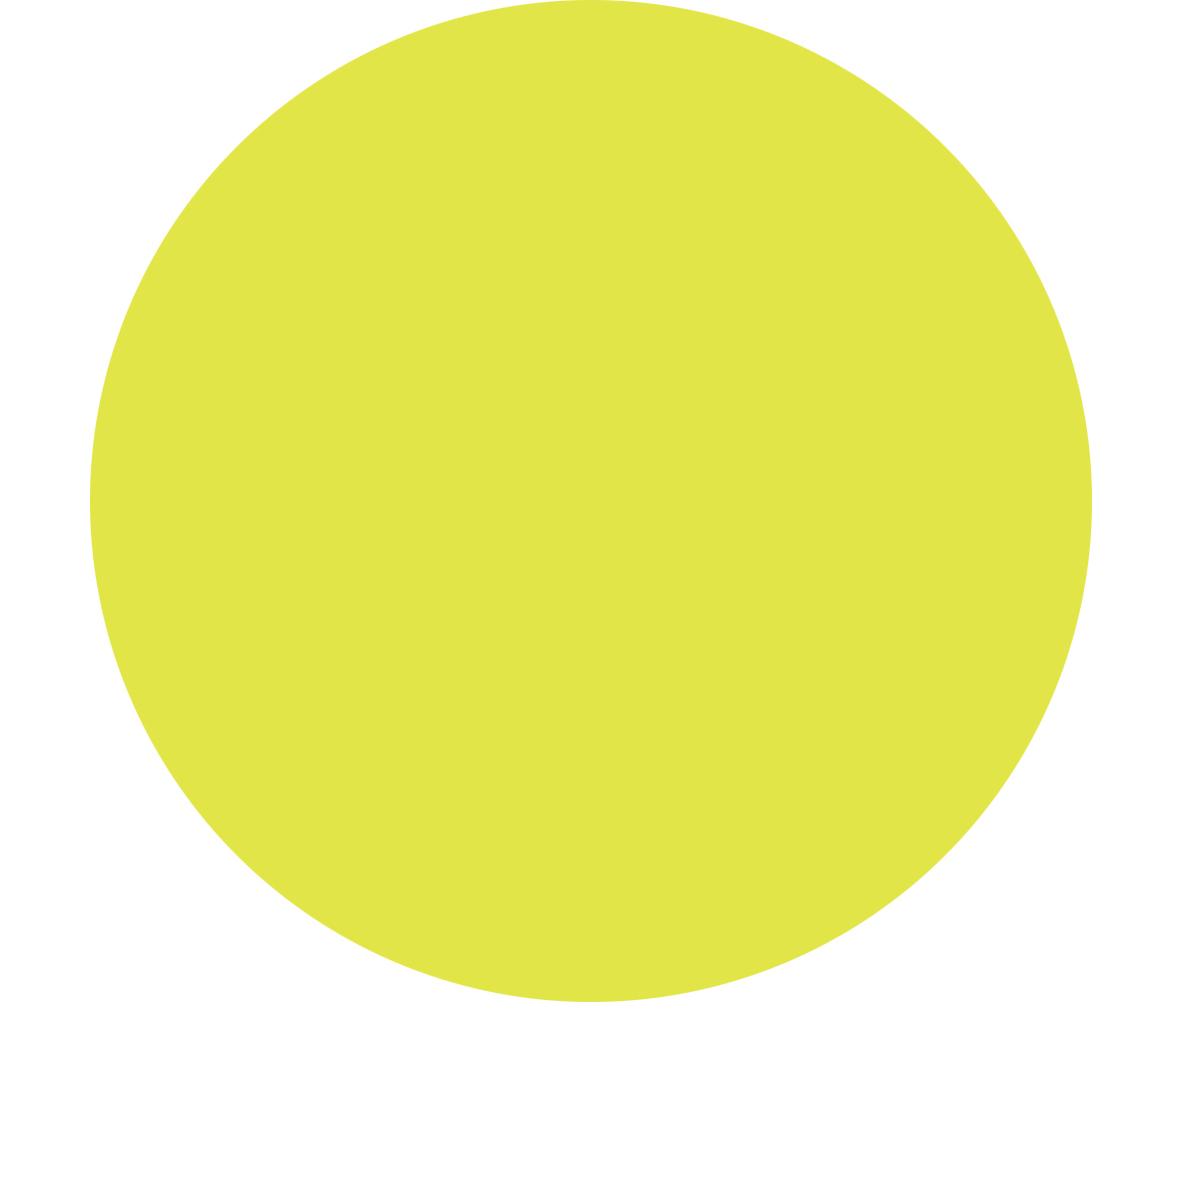 C.I. Yellow 81(Yellow 8G) -